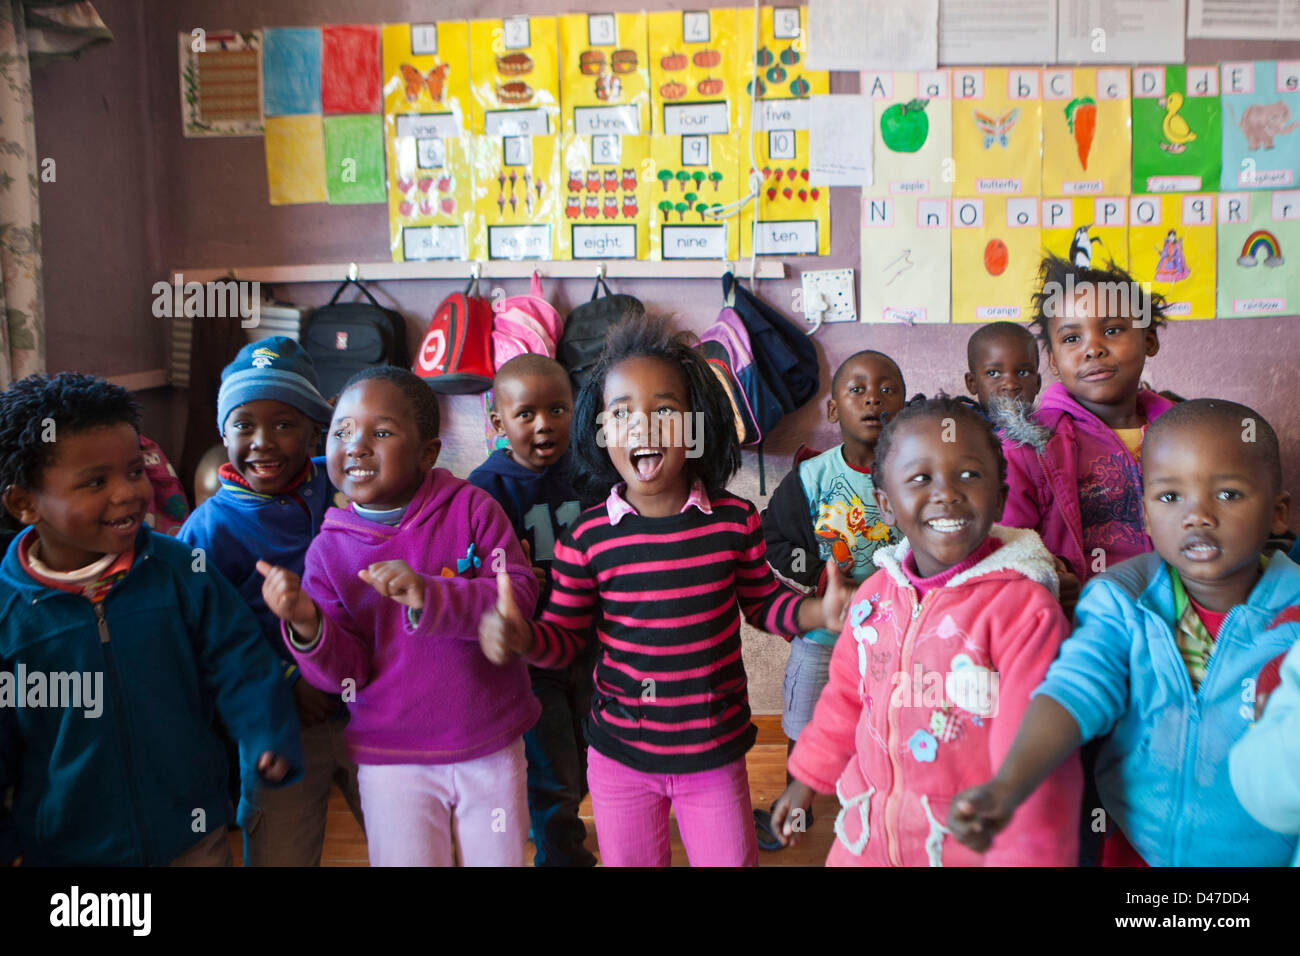 Child development in Africa